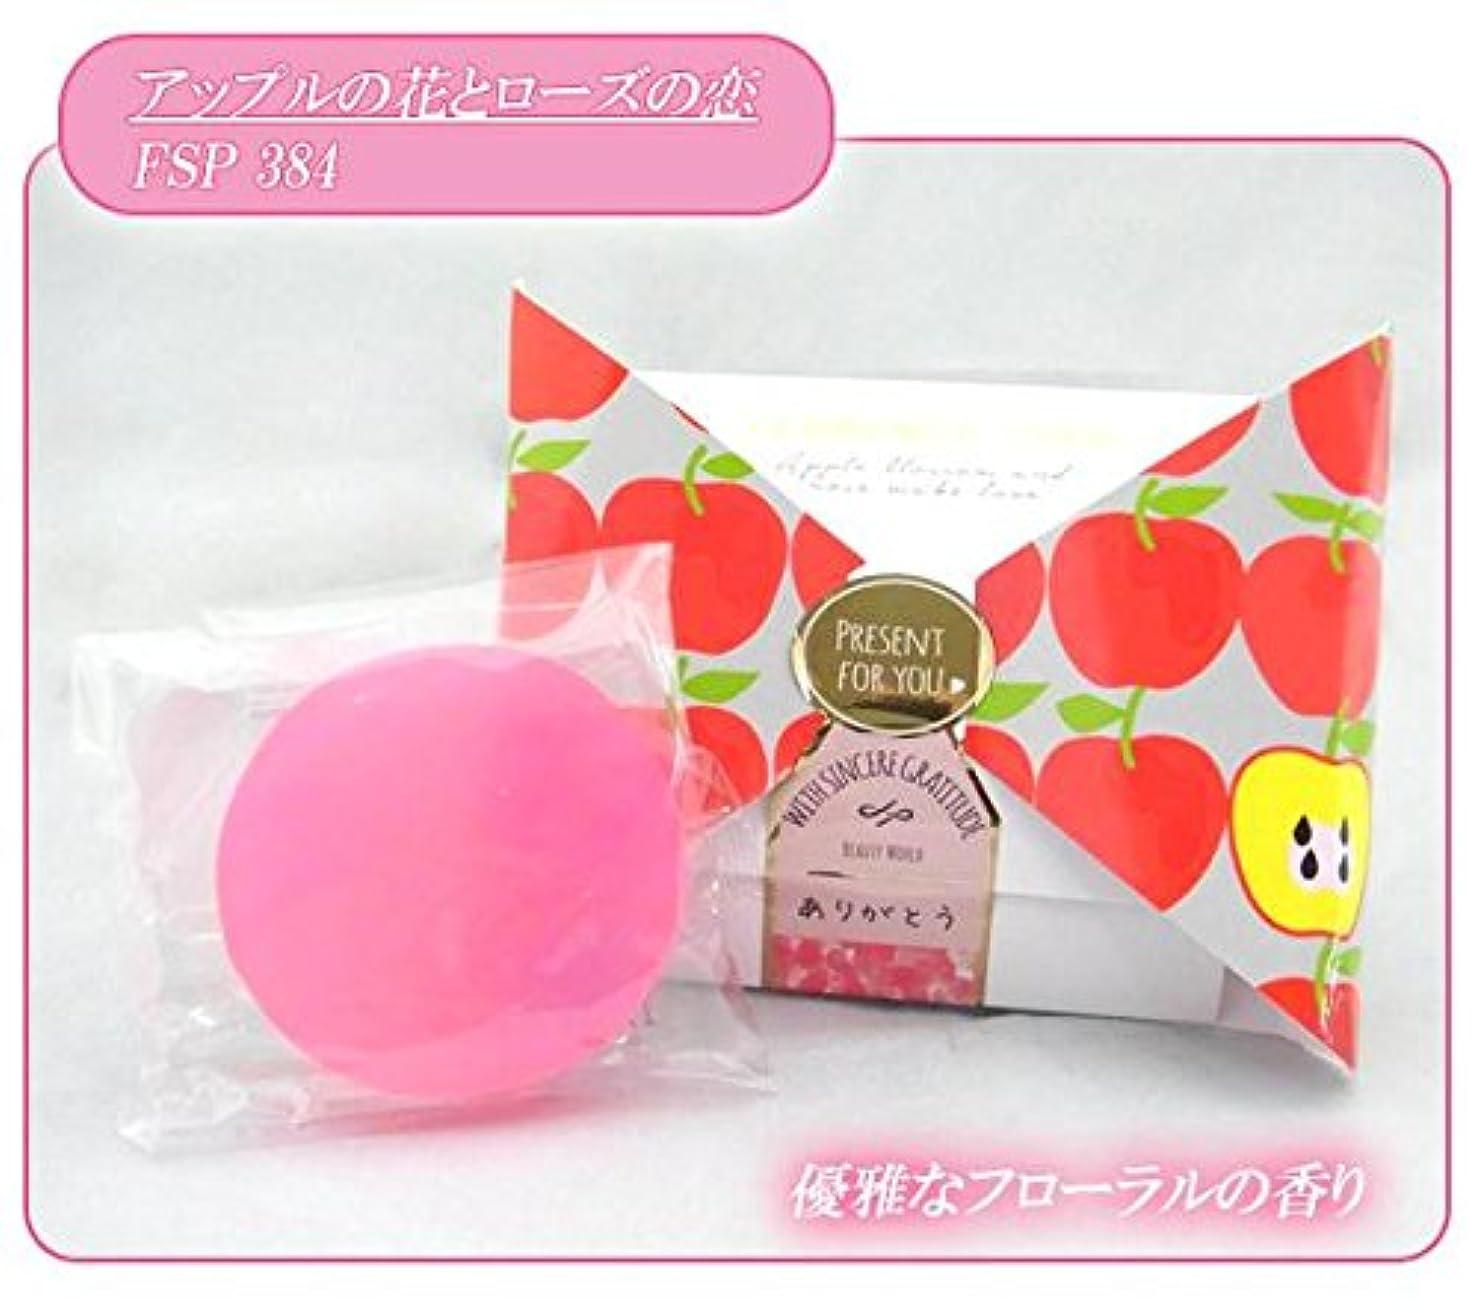 グラス手綱からかうビューティーワールド BWフローレンスの香り石けん リボンパッケージ 6個セット アップルの花とローズの恋